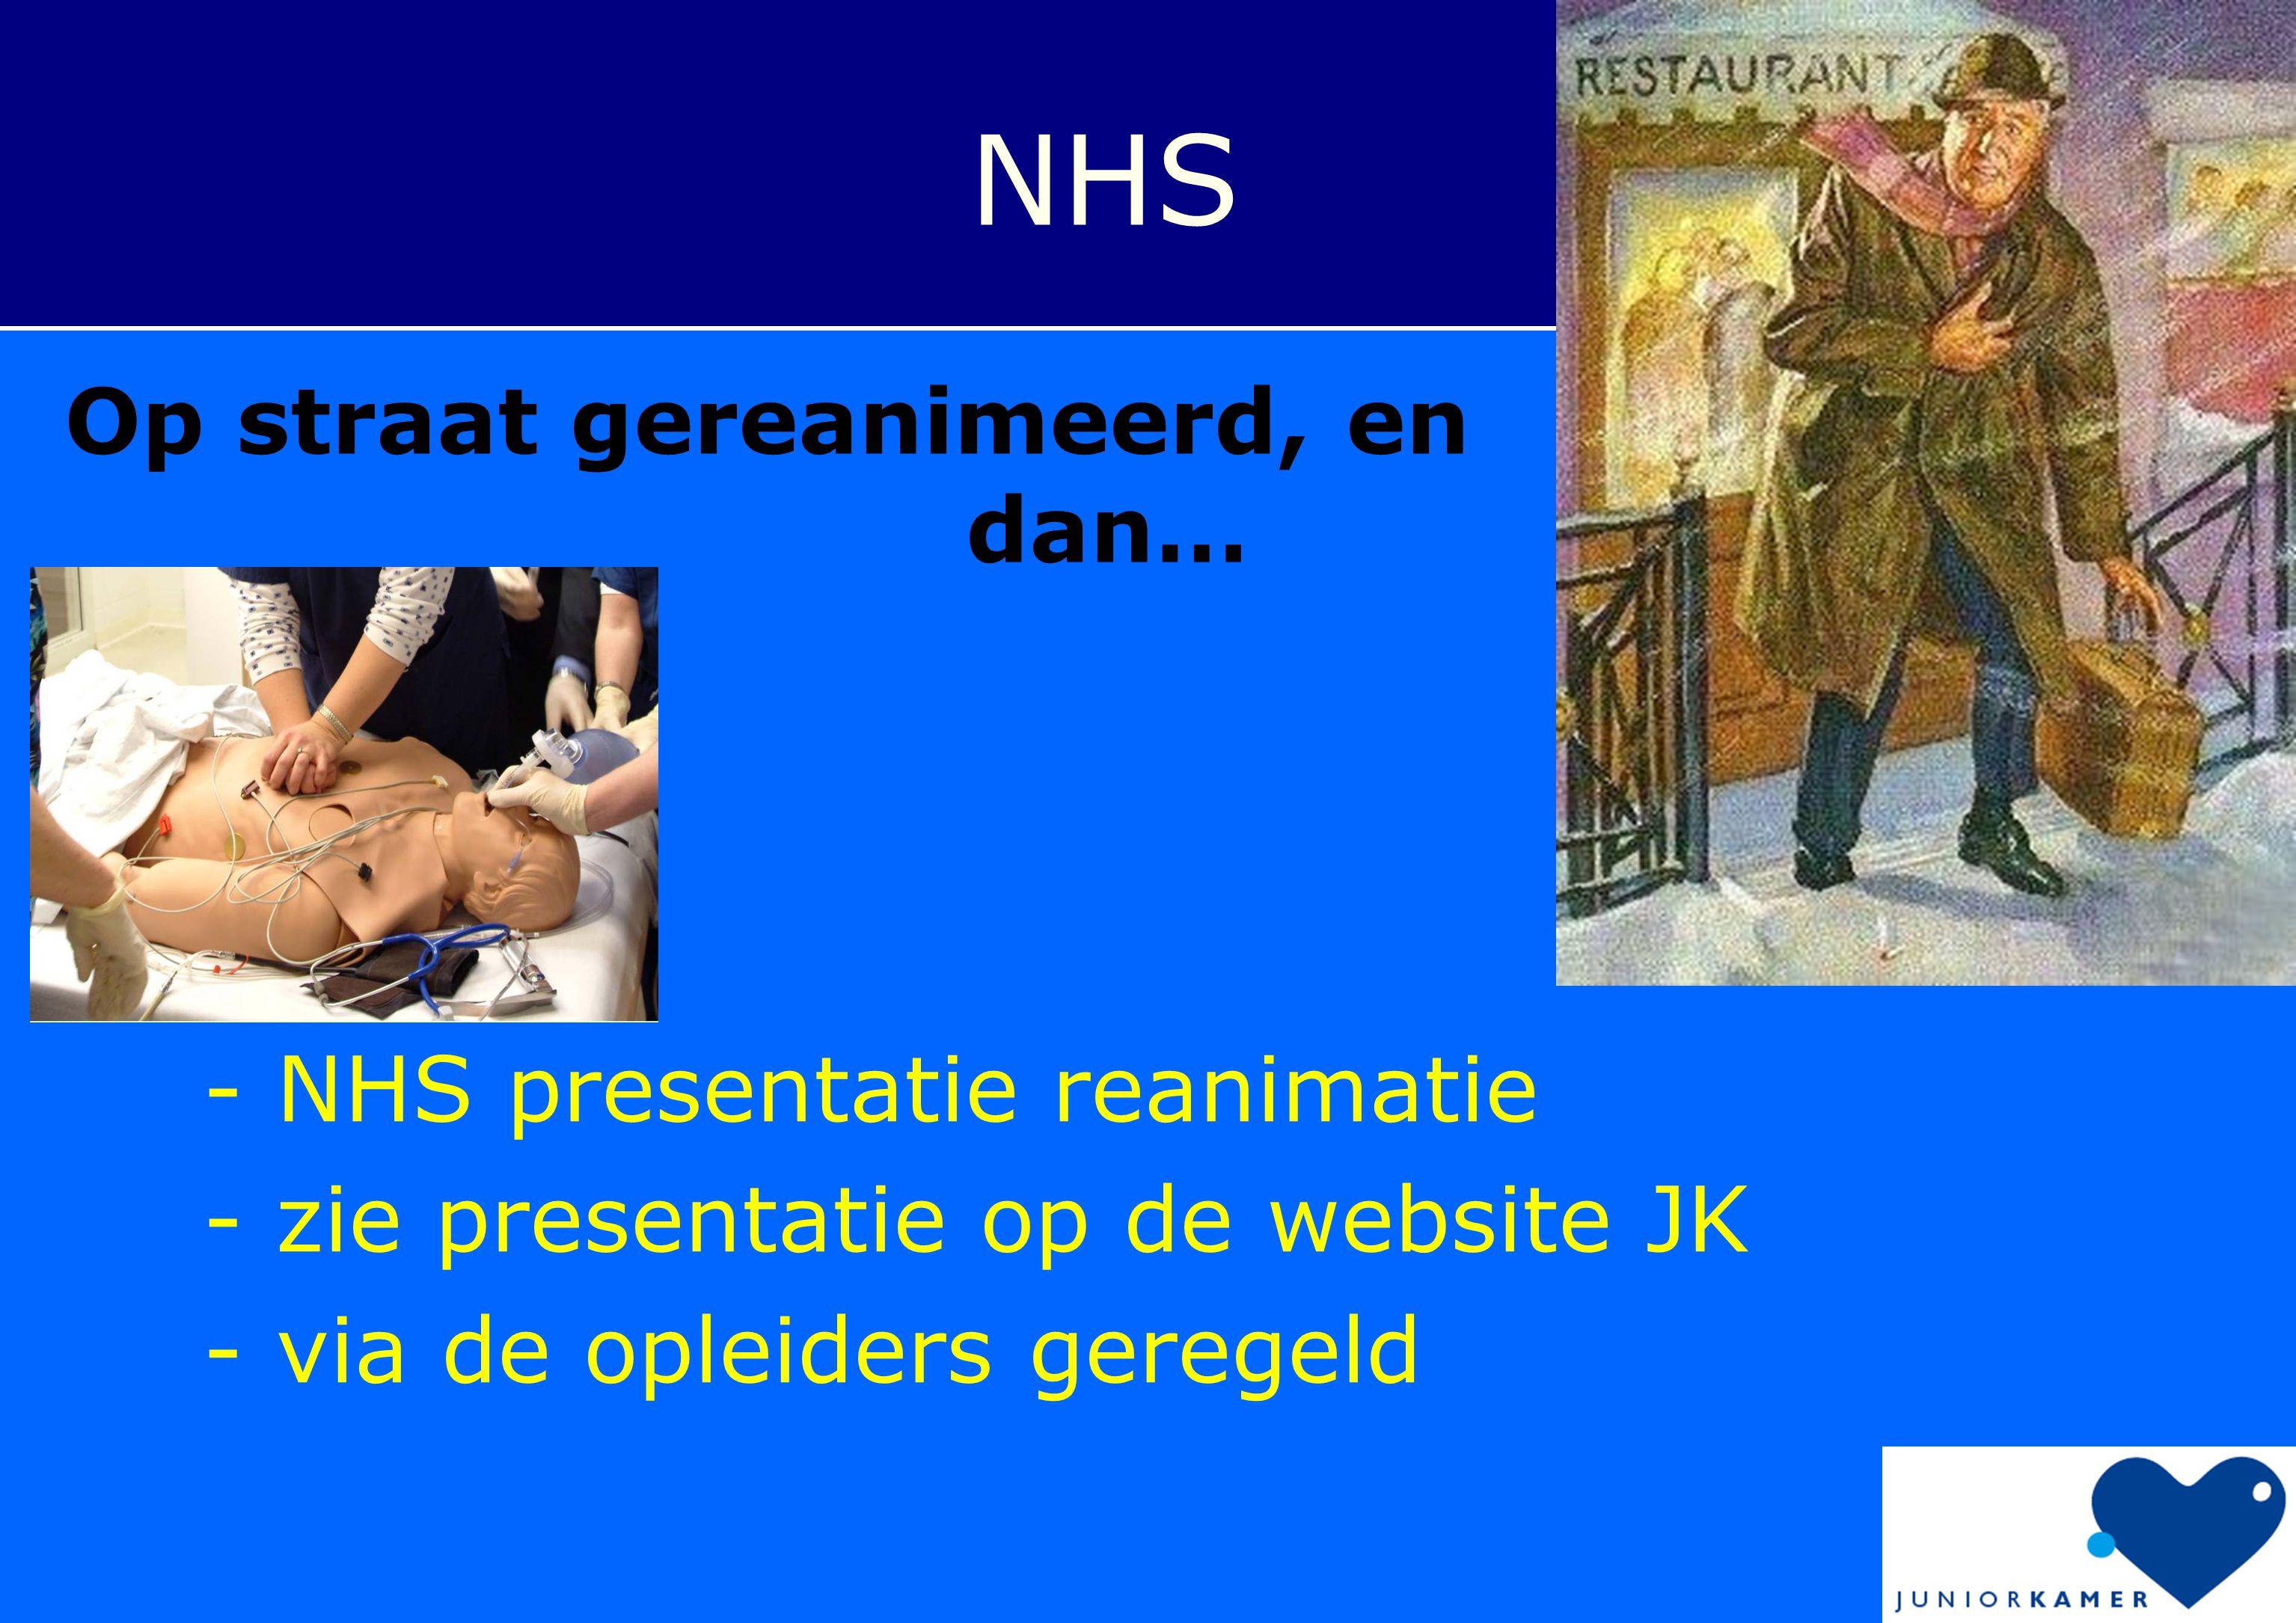 - NHS presentatie reanimatie - zie presentatie op de website JK - via de opleiders geregeld NHS Op straat gereanimeerd, en dan…